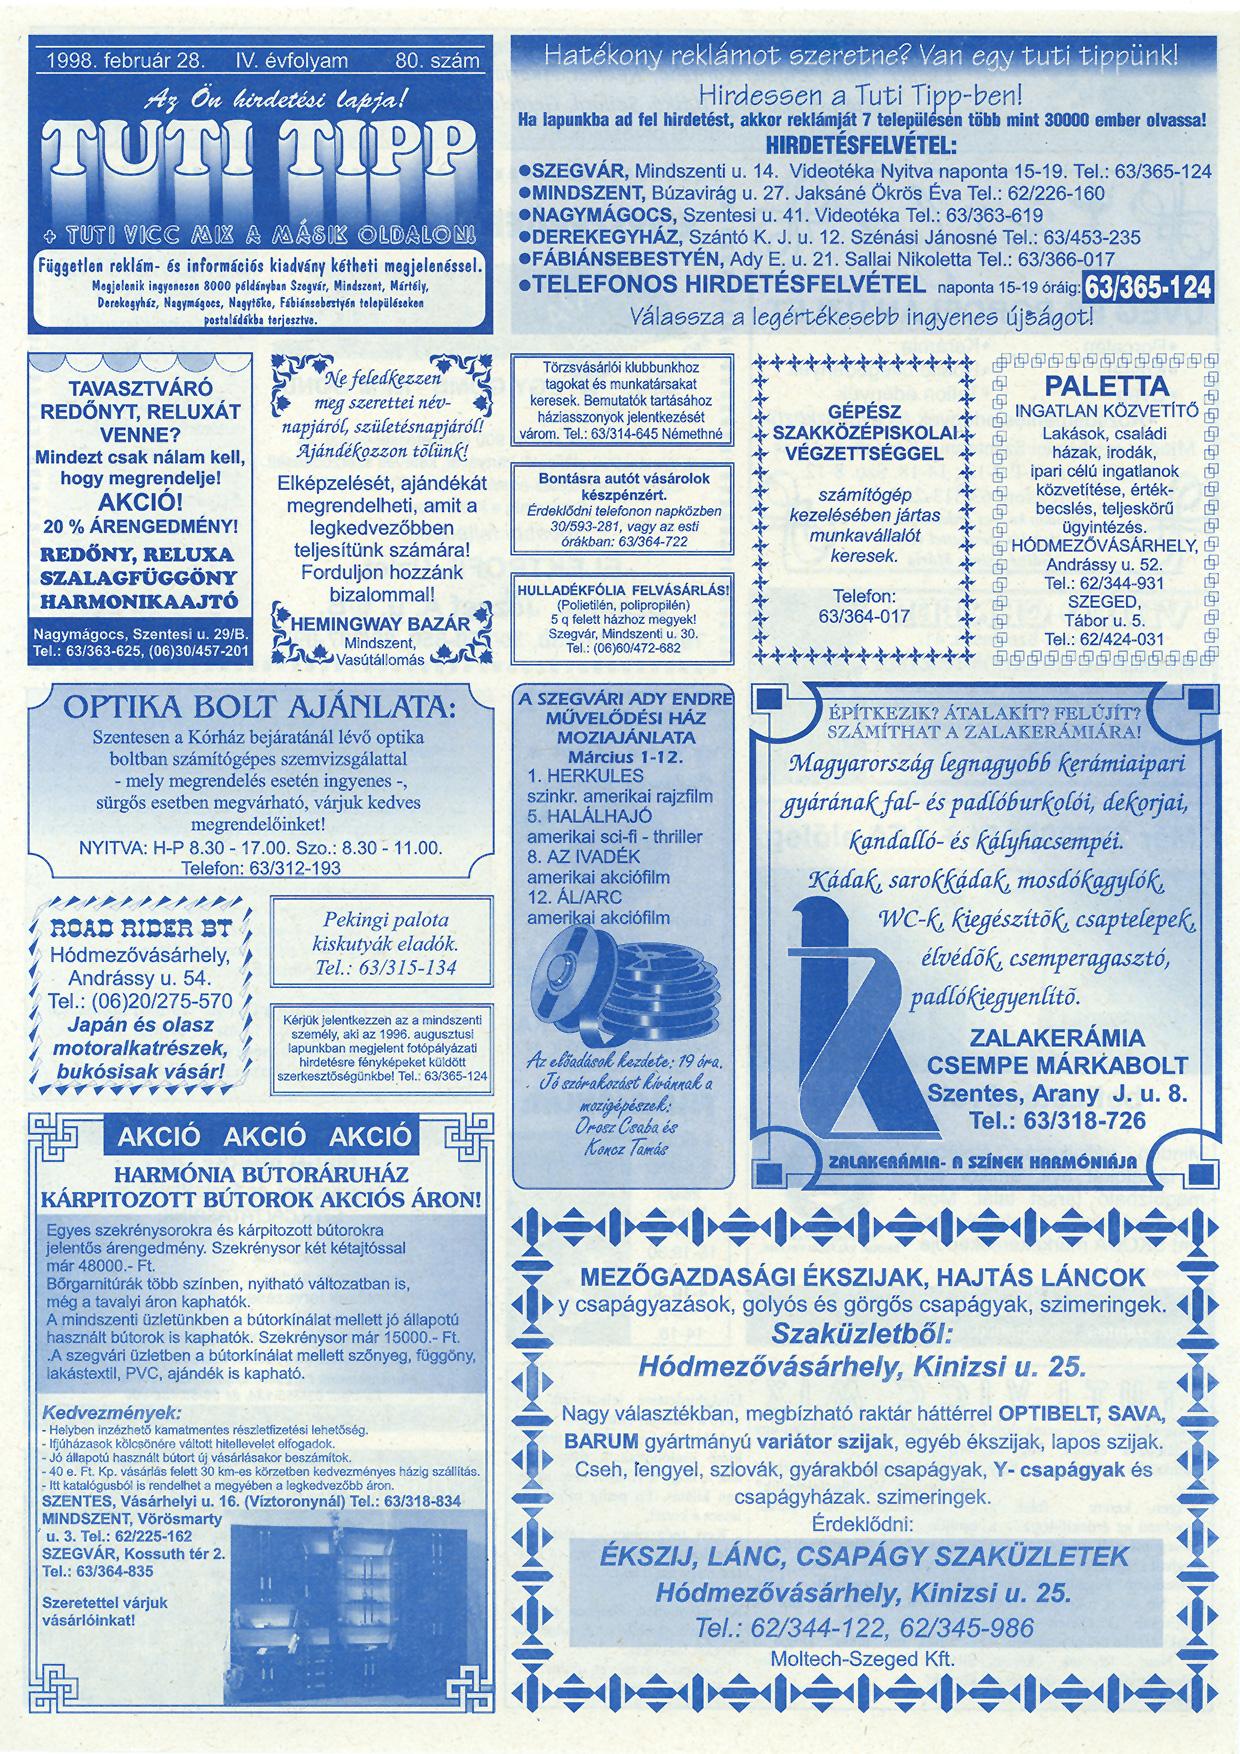 005 Tuti Tipp reklámújság - 19980228-080. lapszám - 1.oldal - IV. évfolyam.jpg